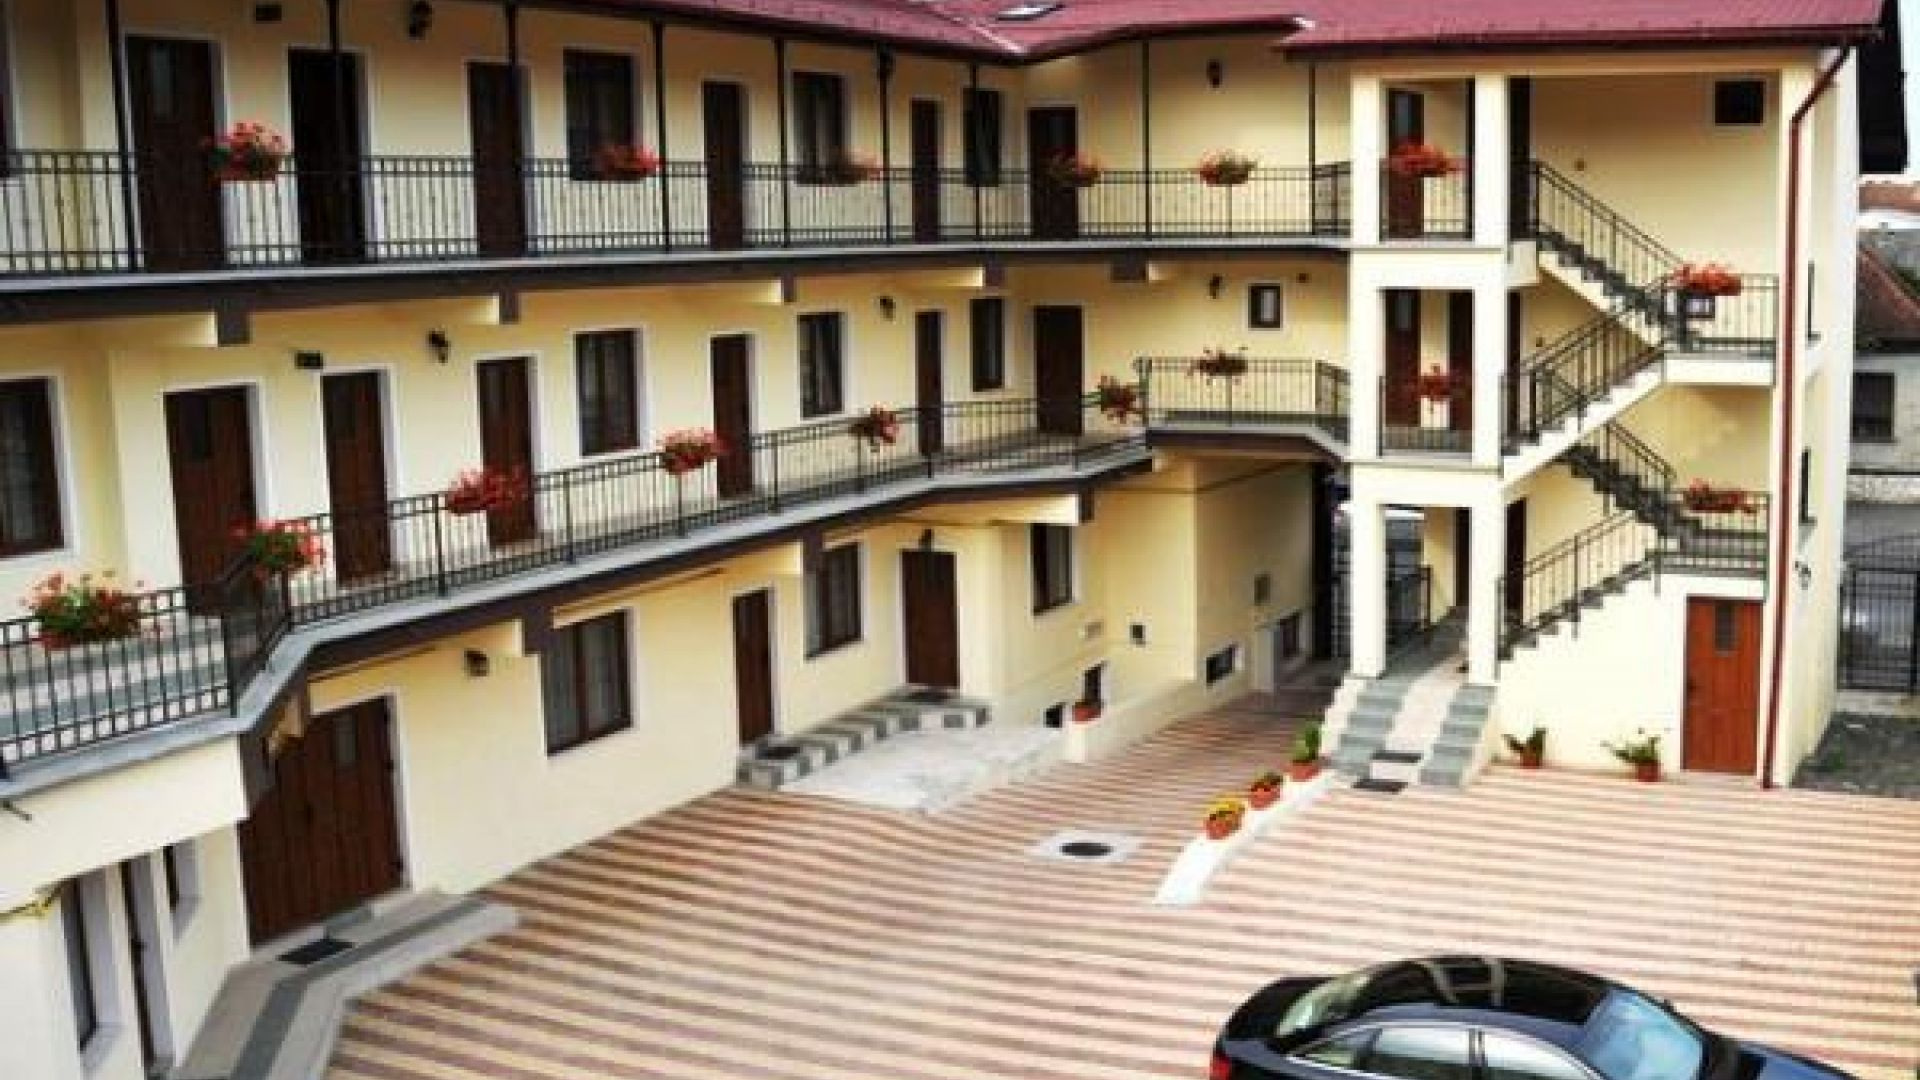 Long Street Hotel Gallery